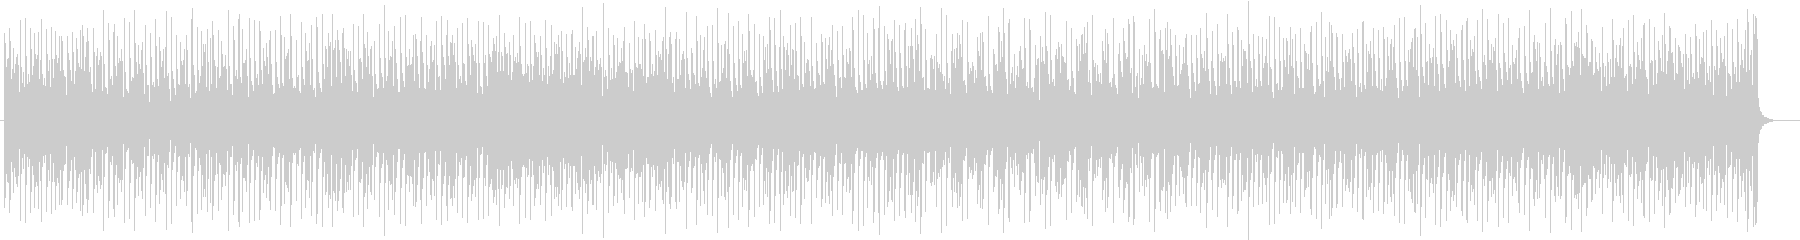 明るくファンタジーなシンセサウンドの未再生の波形